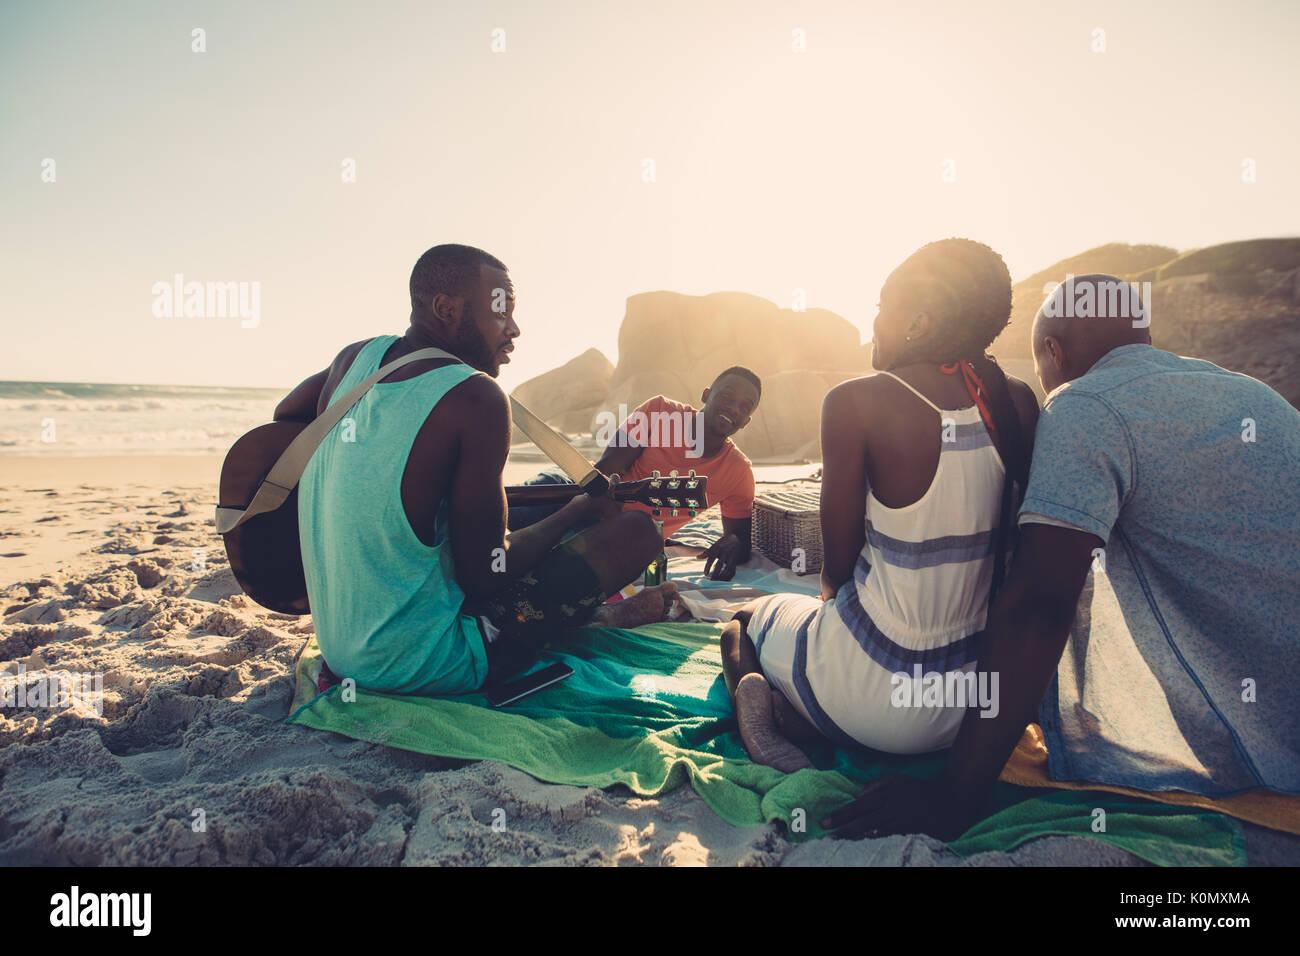 Guitare homme jouant sur la plage avec des amis assis autour. Les gens sur la plage profitant de vacances. Photo Stock